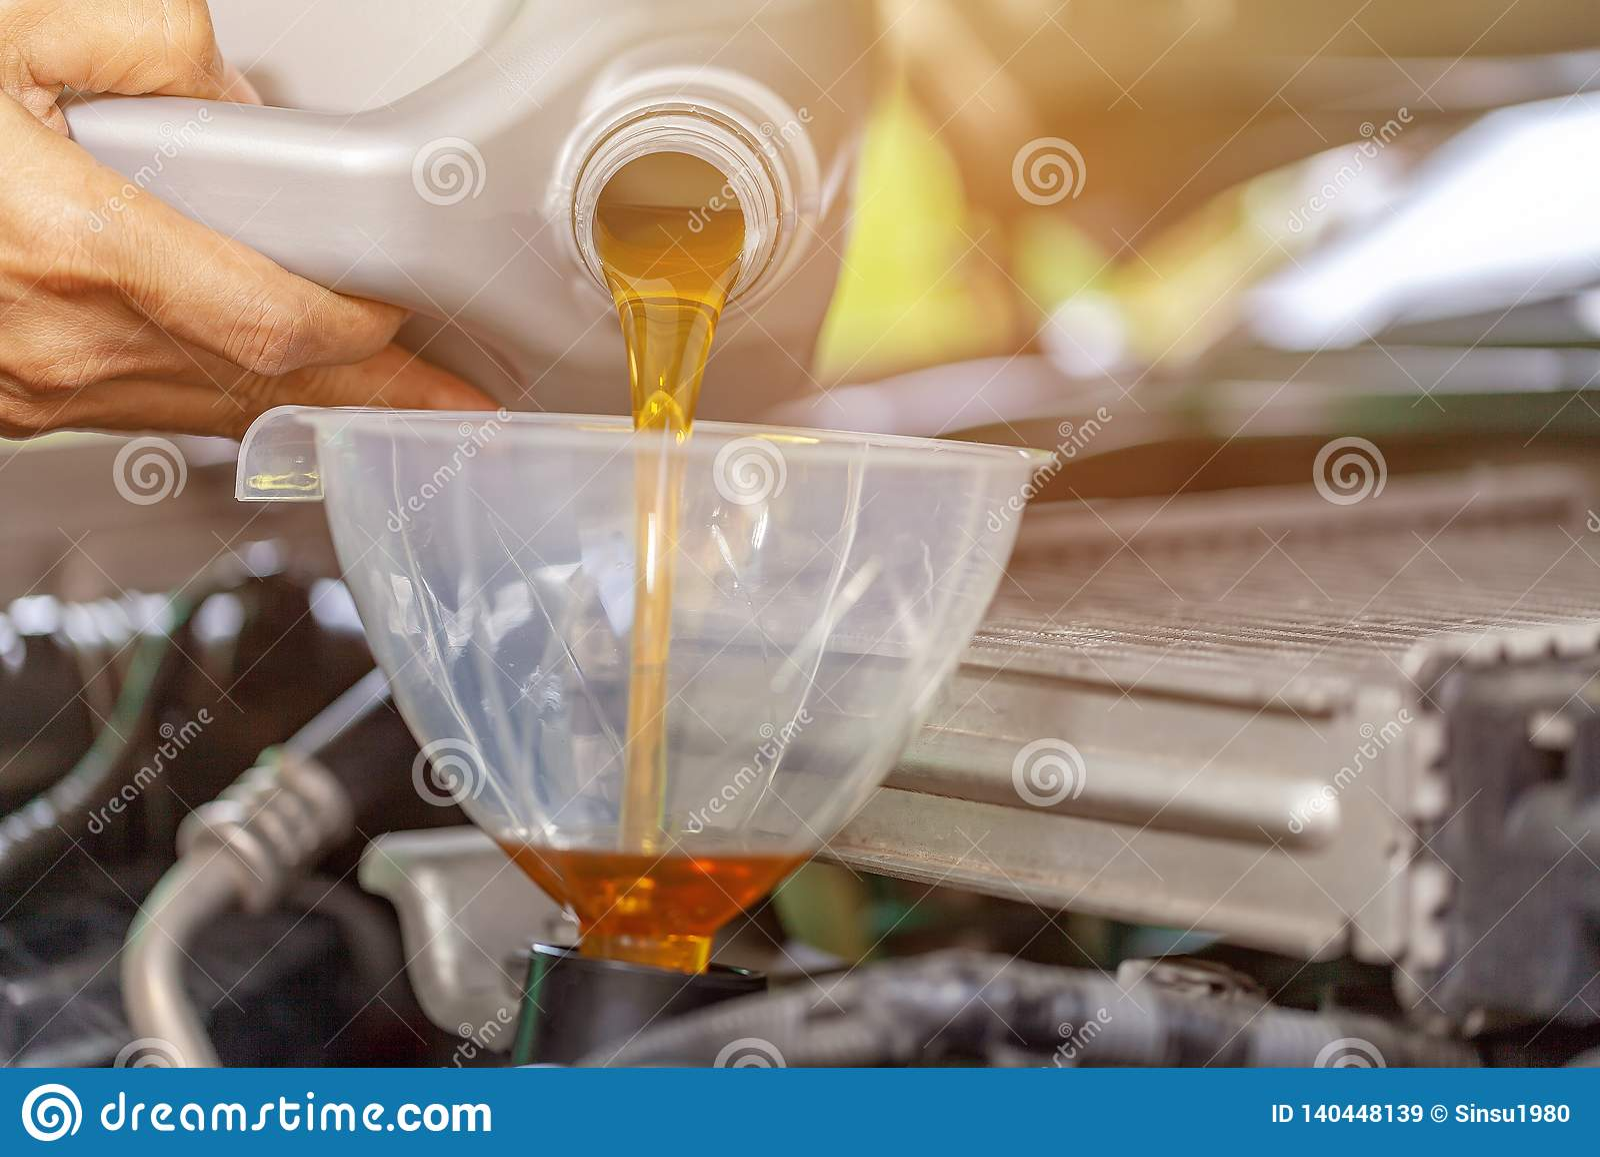 Механик обслуживать обслуживания автомобиля лить новую смазку масла в двигатель автомобиля Селективный фокус